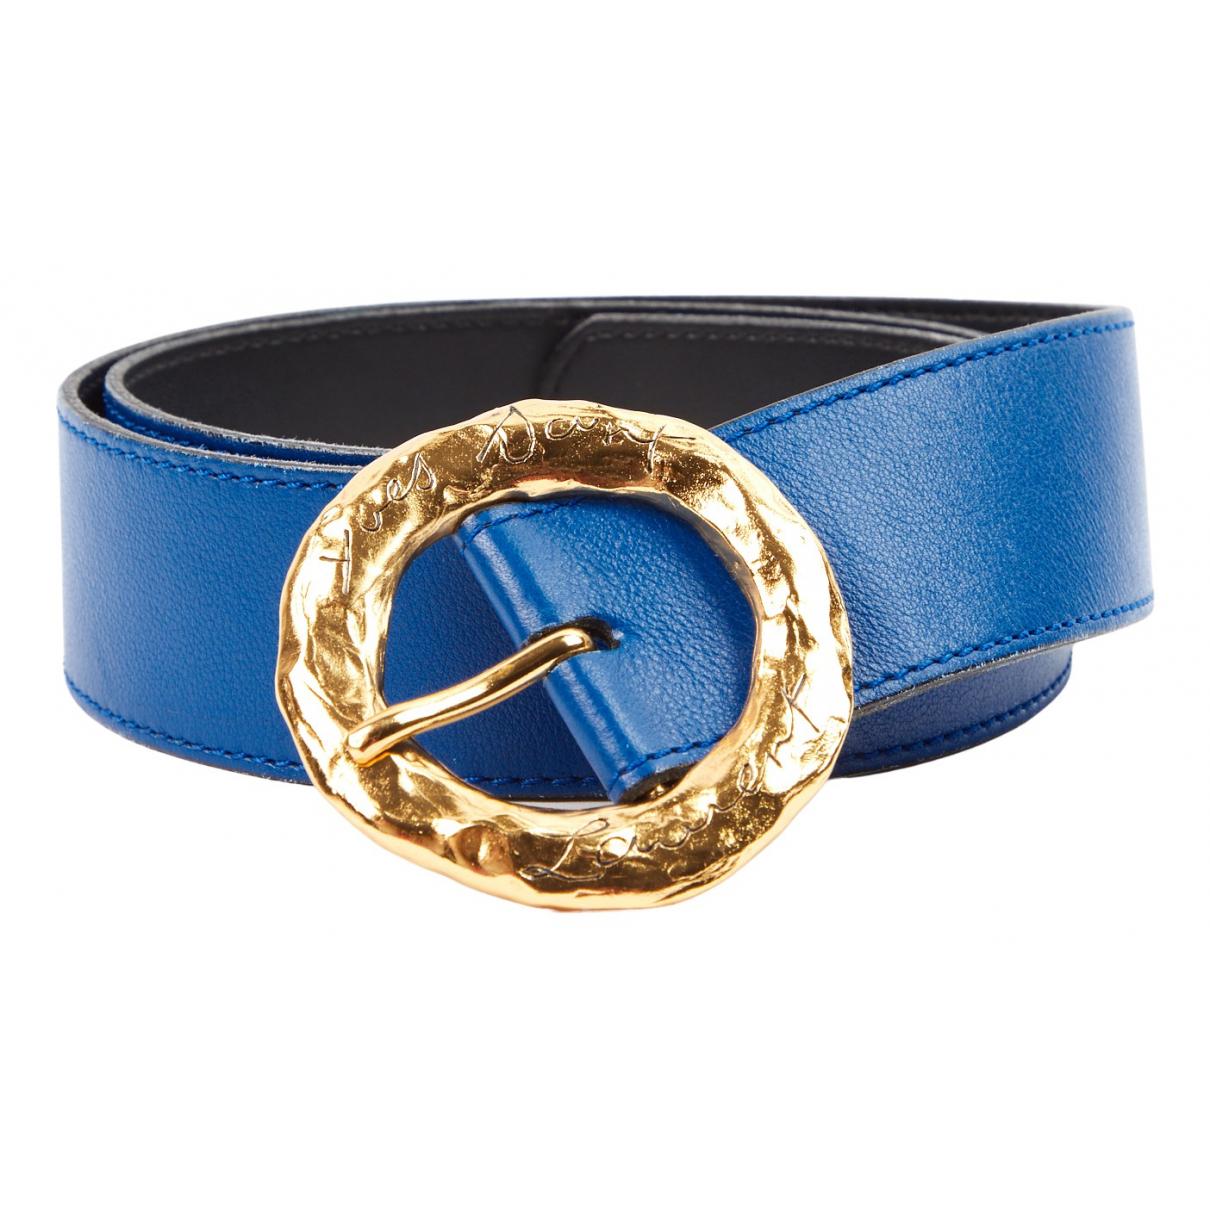 Yves Saint Laurent \N Guertel in  Blau Leder